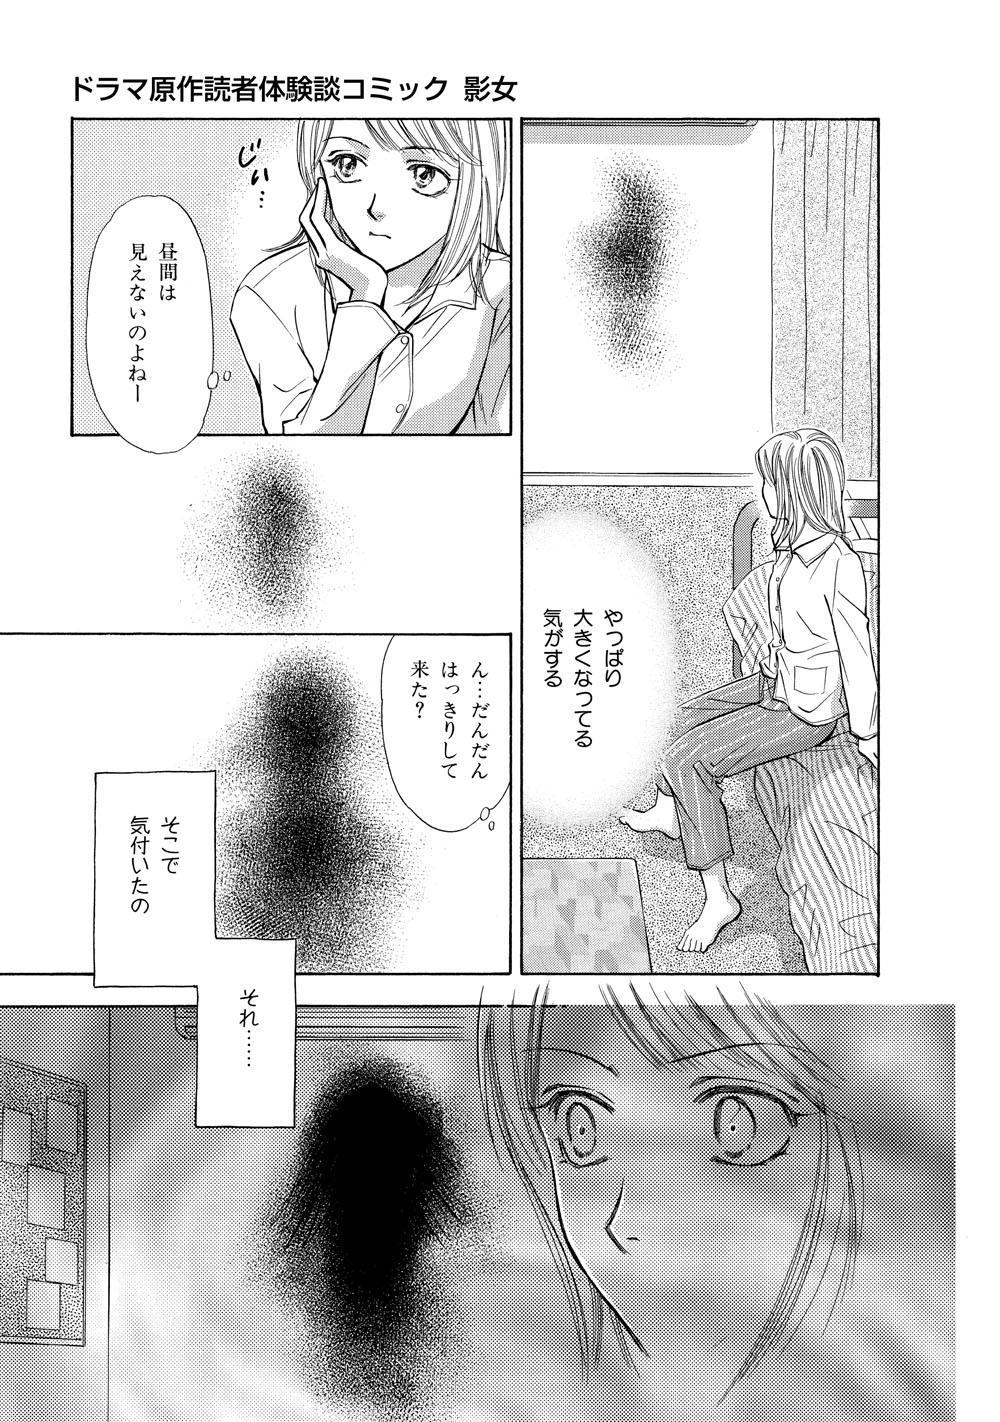 テレビ版_ほん怖_289.jpg